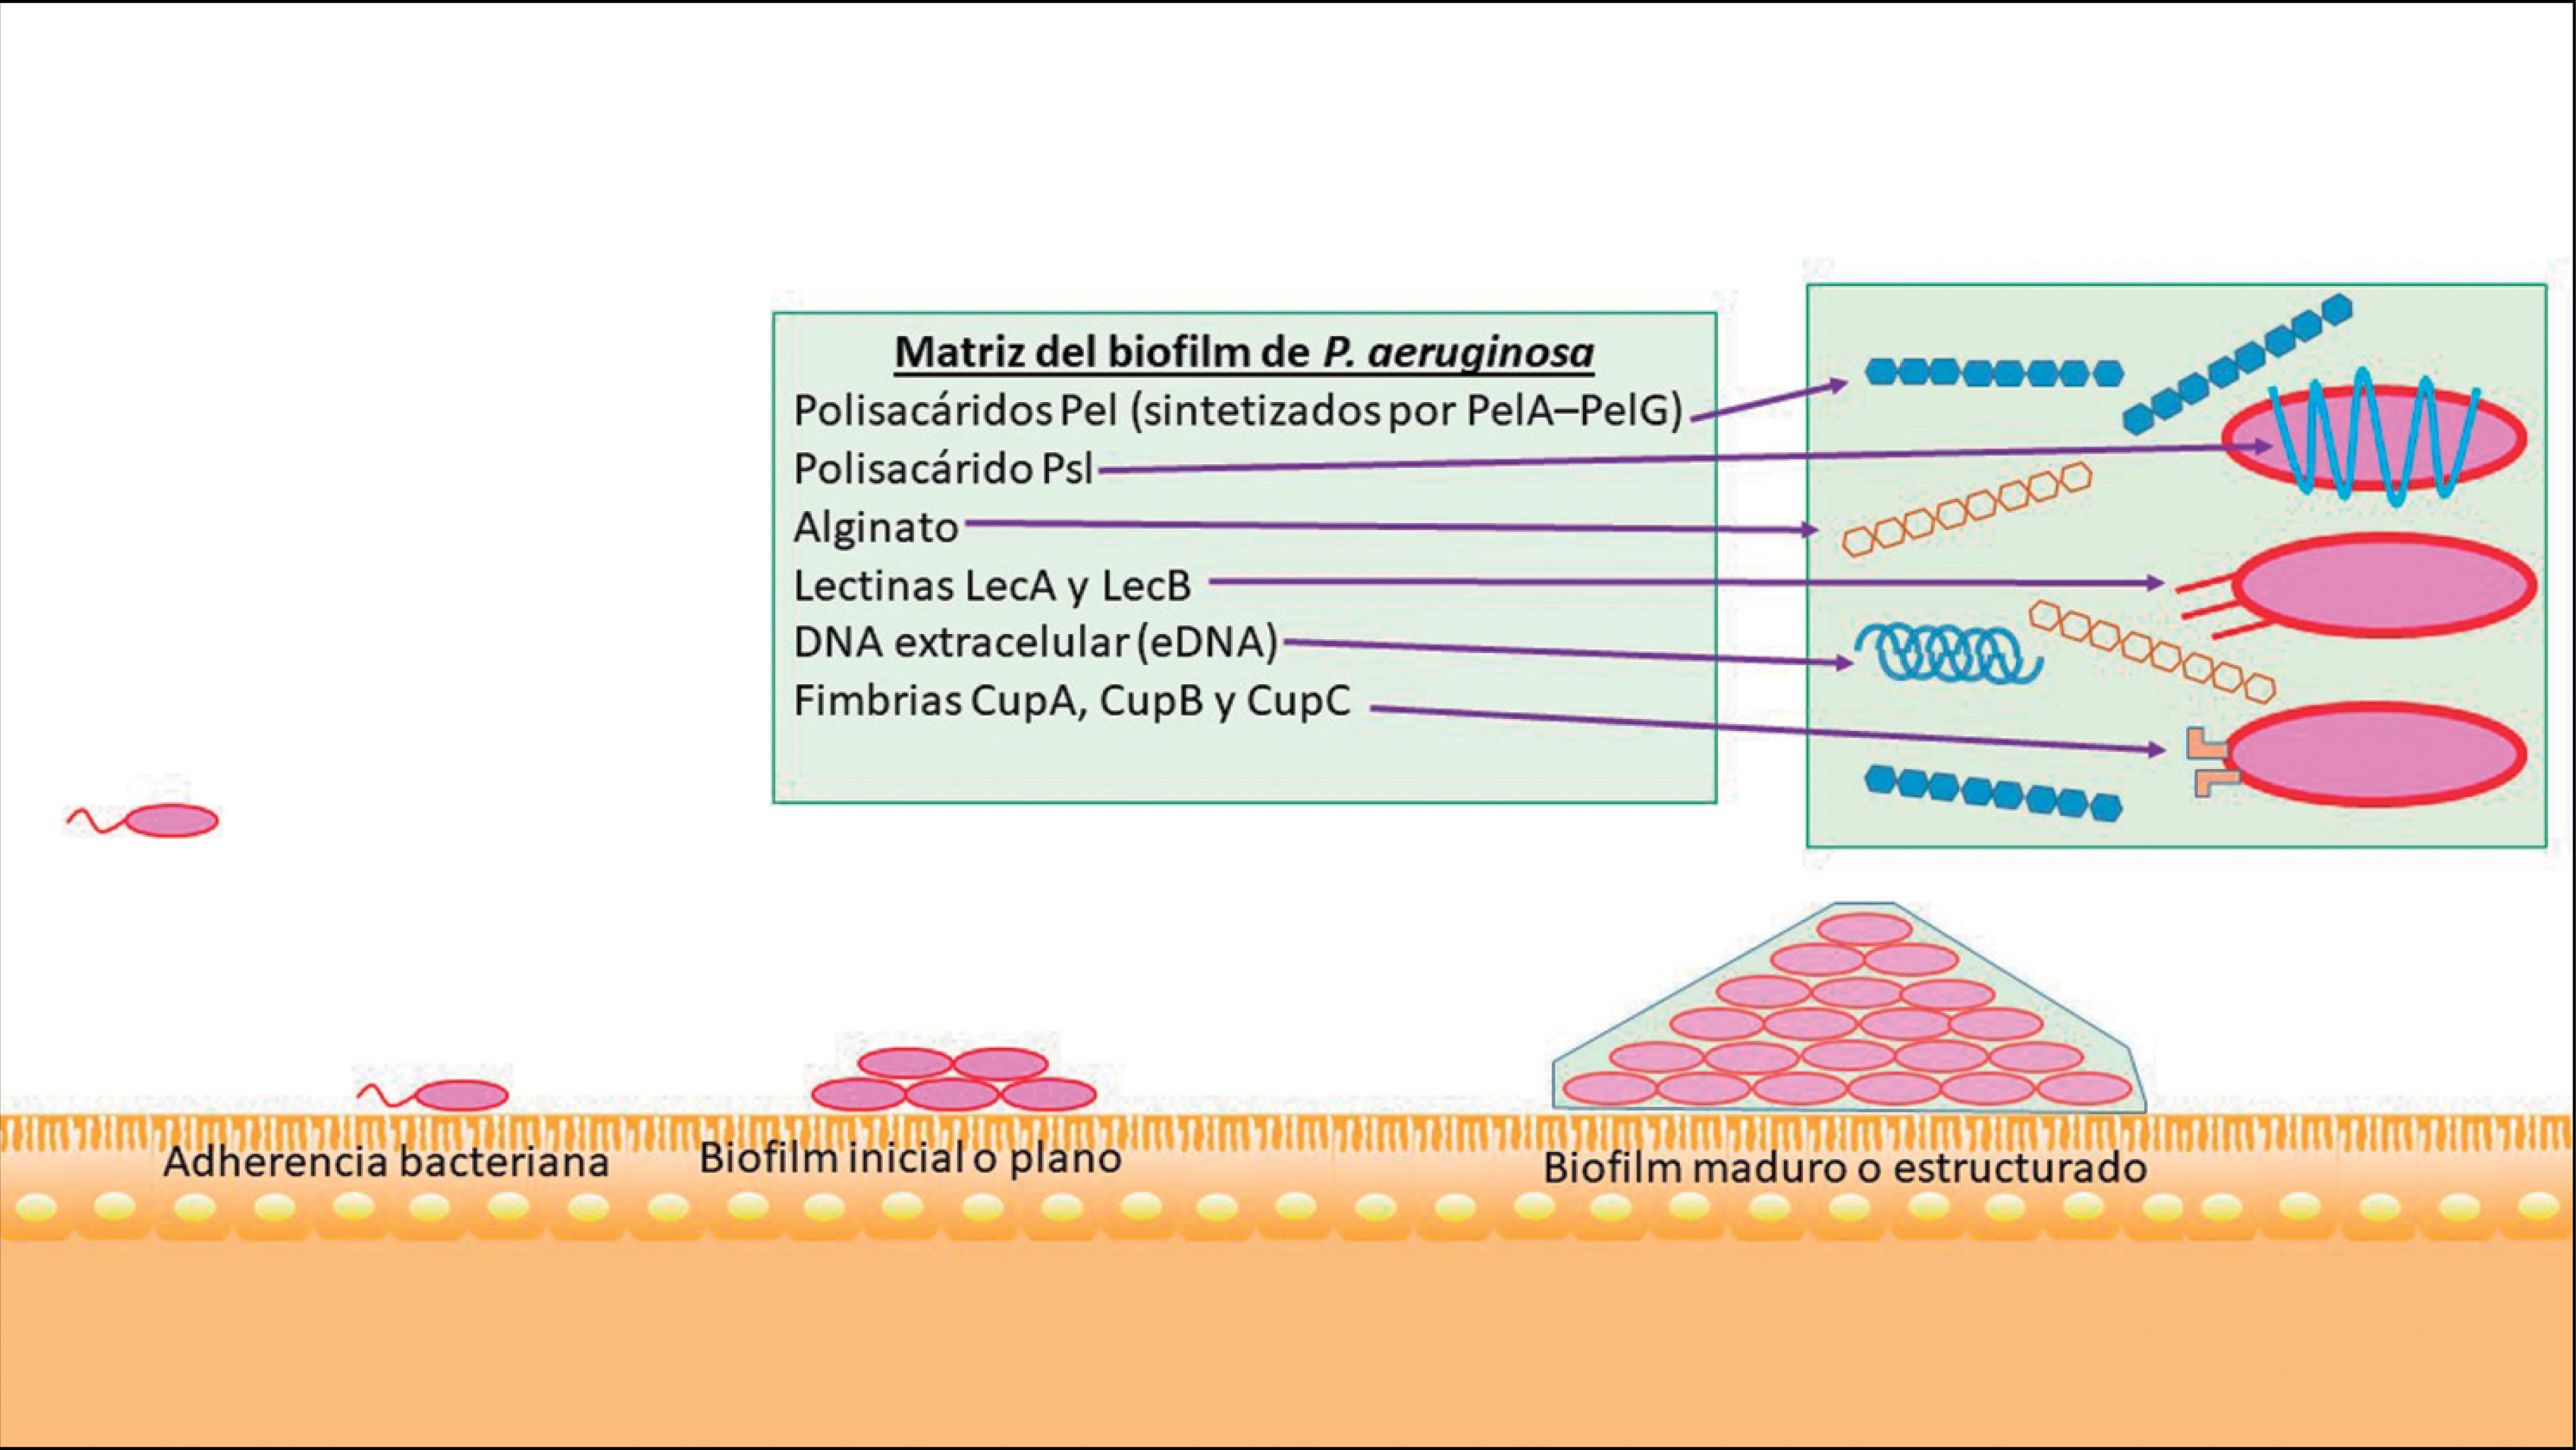 Pseudomonas Aeruginosa Patogenicidad Y Resistencia